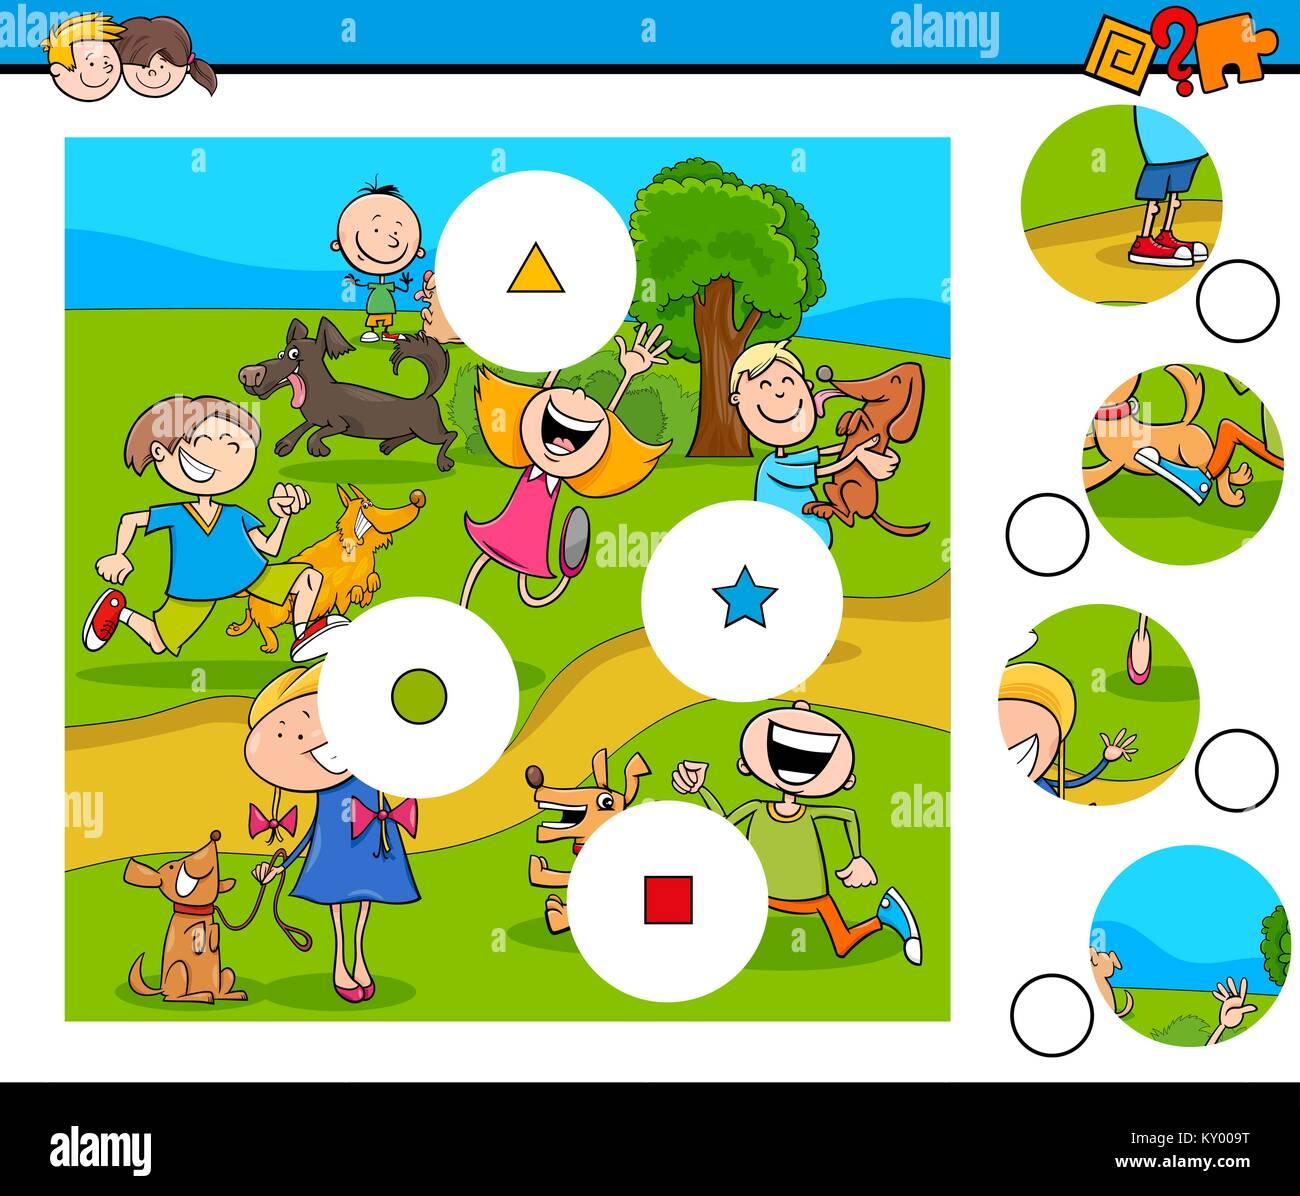 Ilustración De Dibujos Animados Educativos De Coincidir Con Las